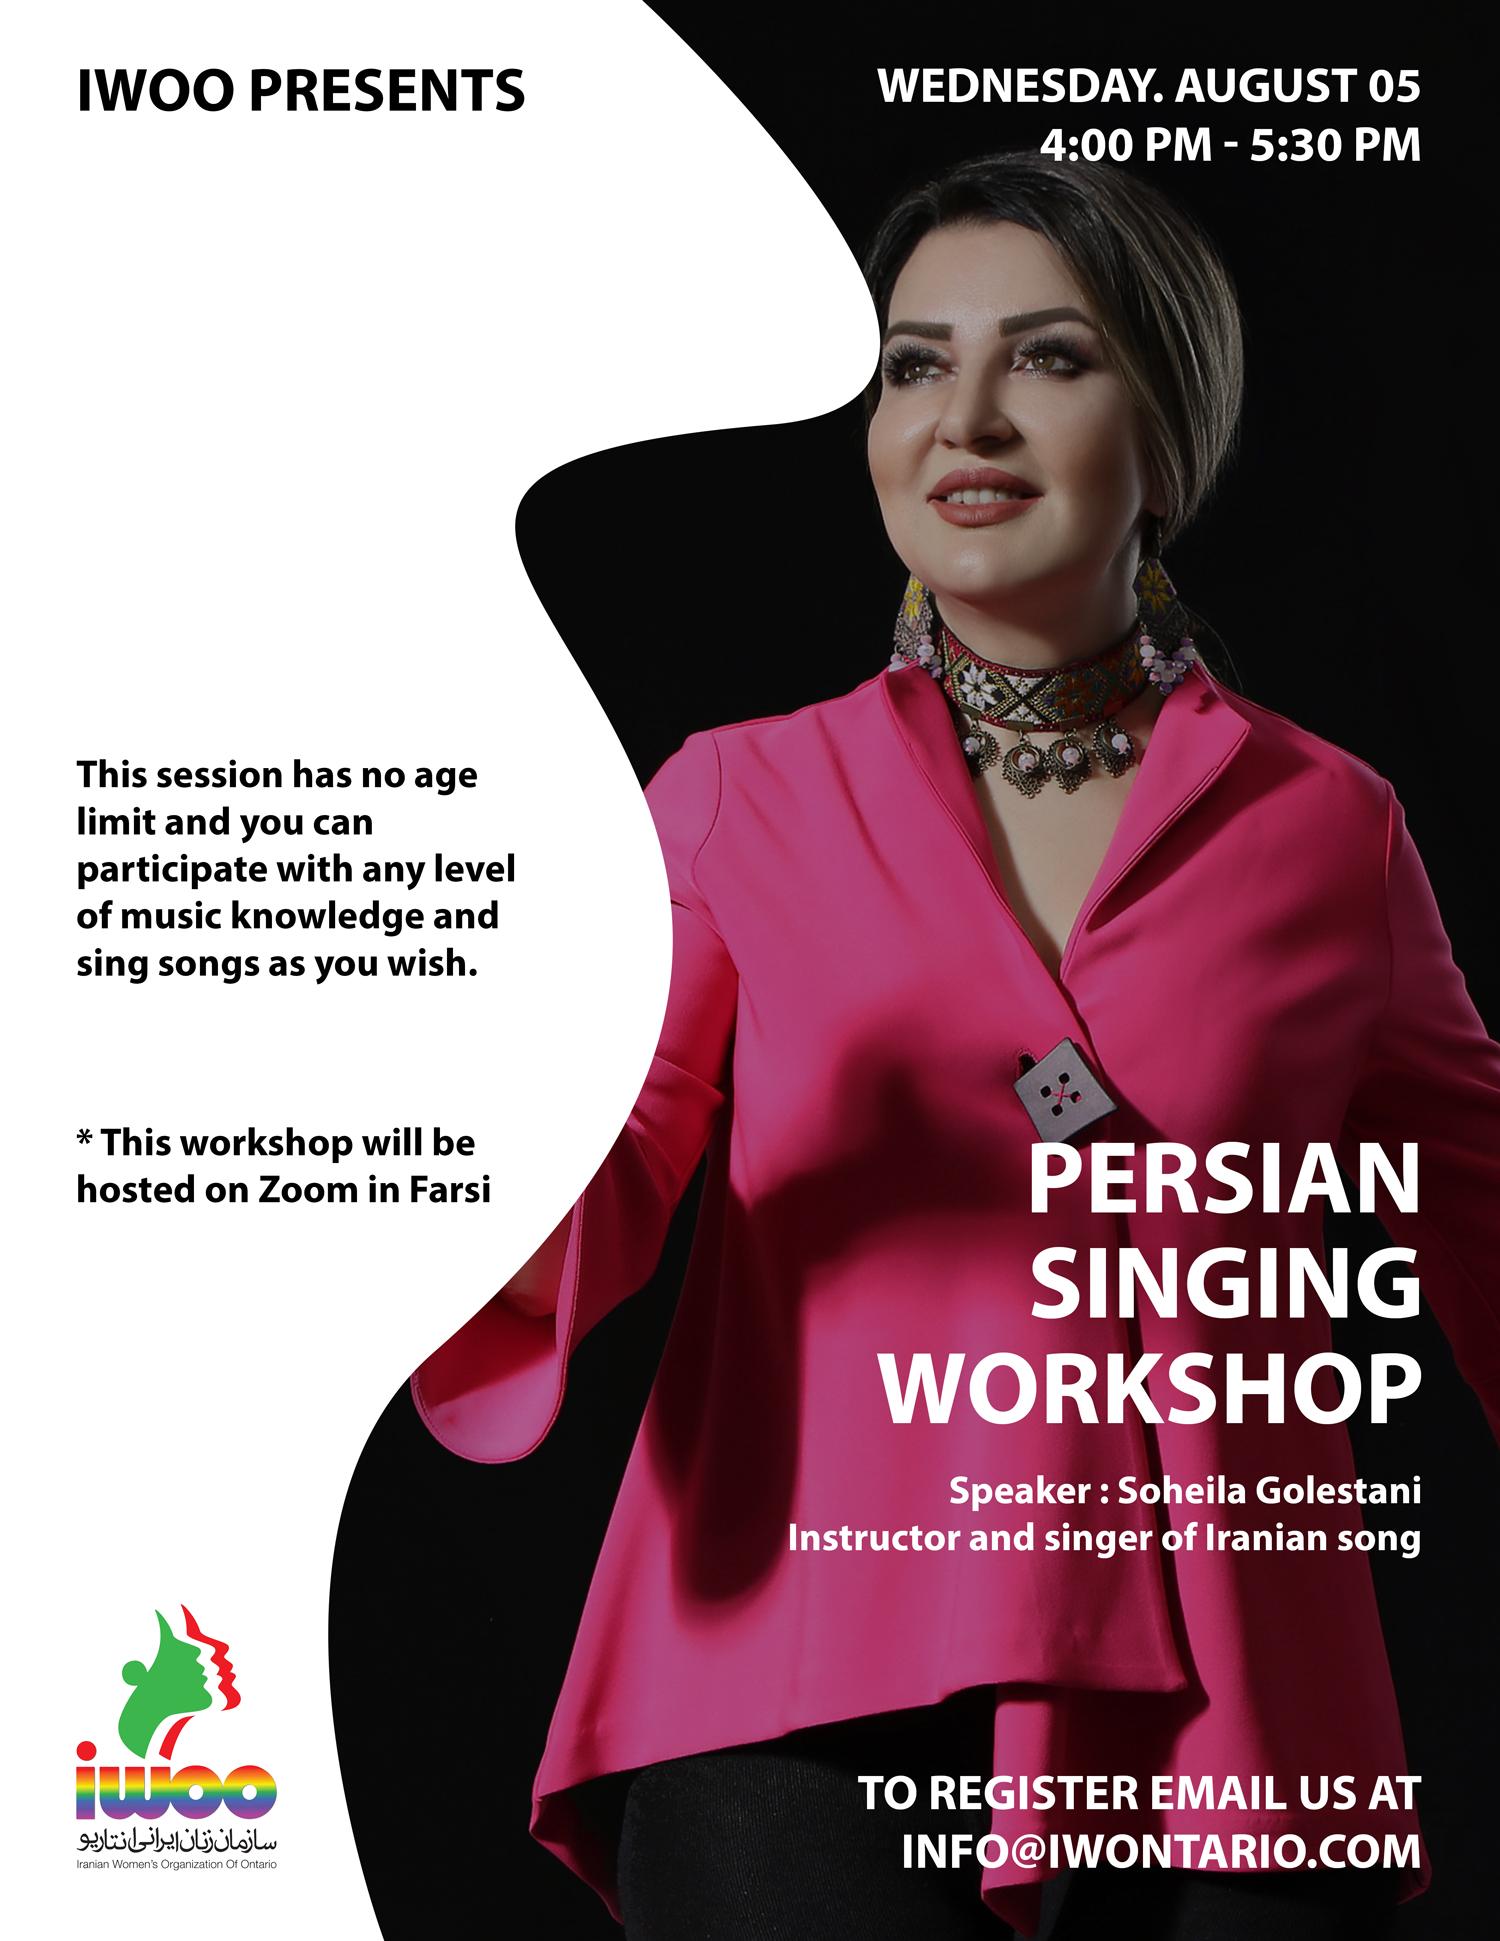 Persian Singing Workshop